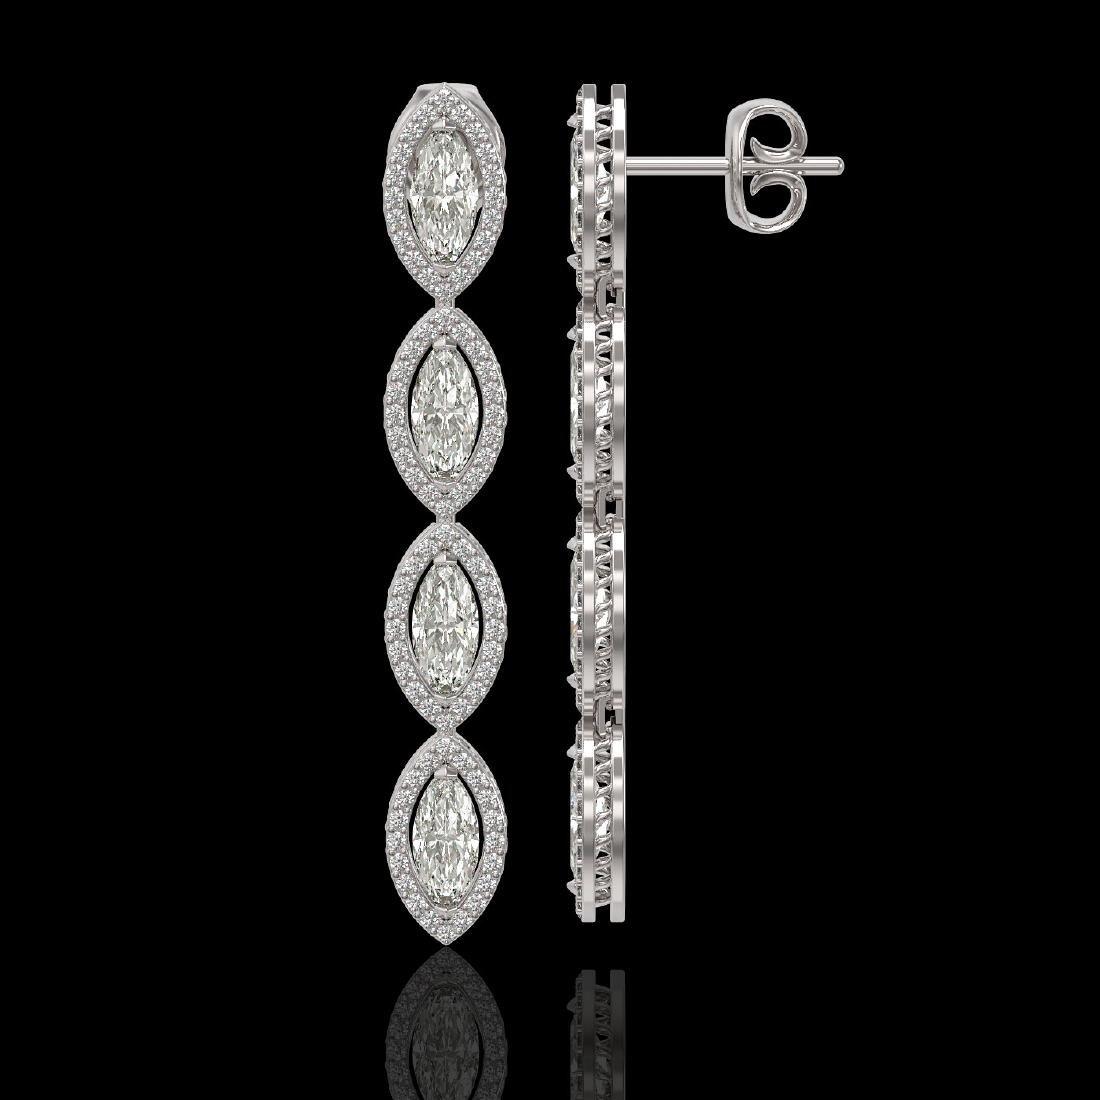 5.33 CTW Marquise Diamond Designer Earrings 18K White - 2